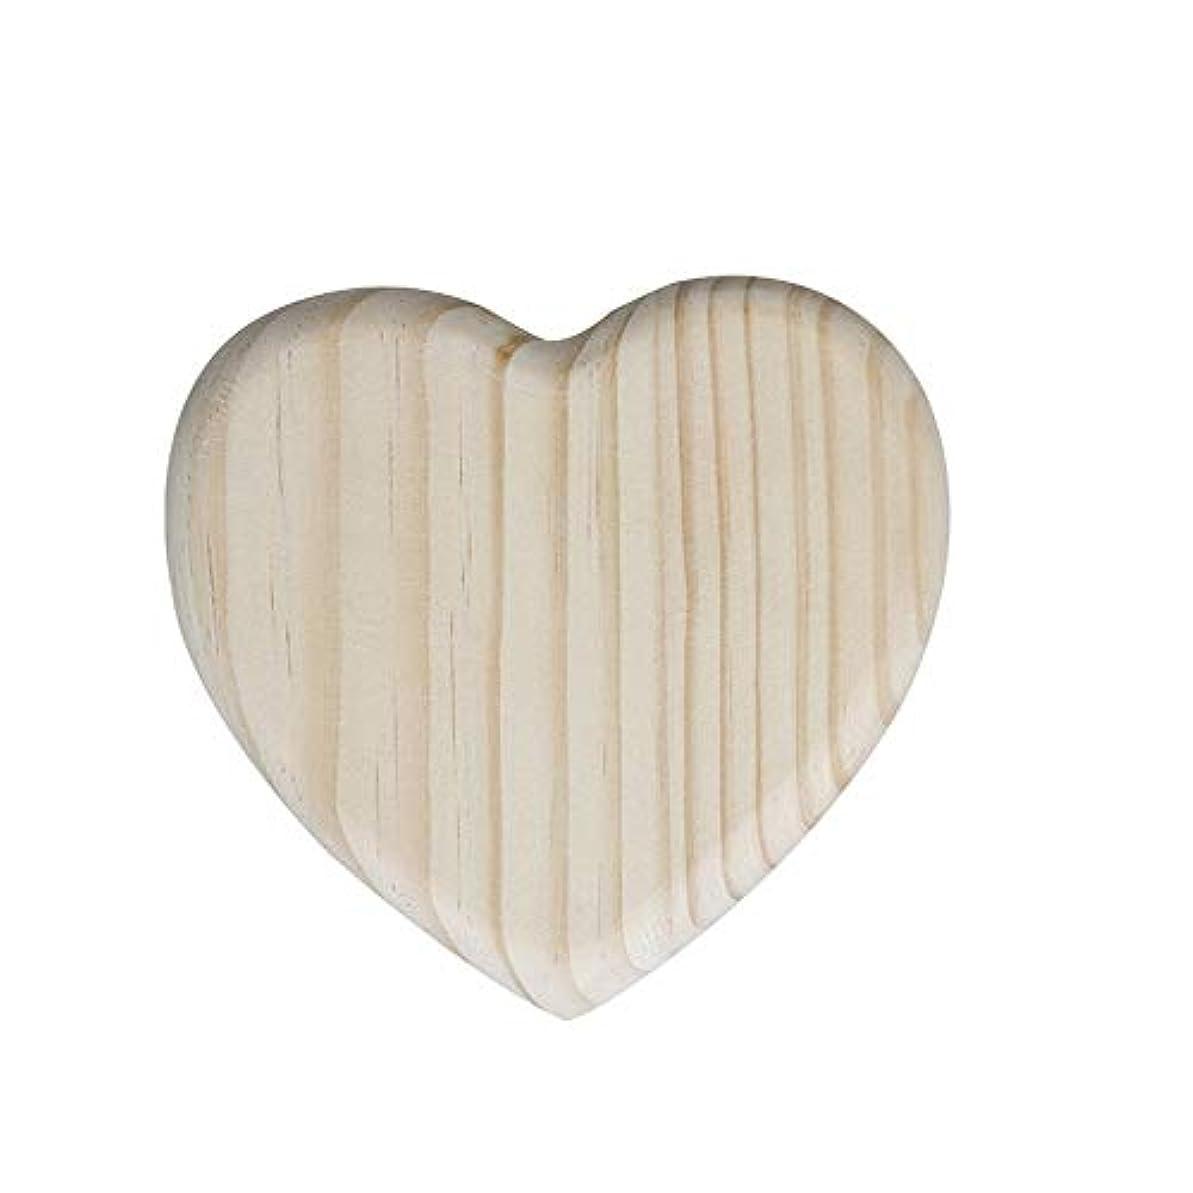 ディレイプランテーション付与エッセンシャルオイルの保管 ハート手作りの装飾的な木のエッセンシャルオイルボックス主催者は16の油ボトルを保持します (色 : Natural, サイズ : 11X12X3.3CM)